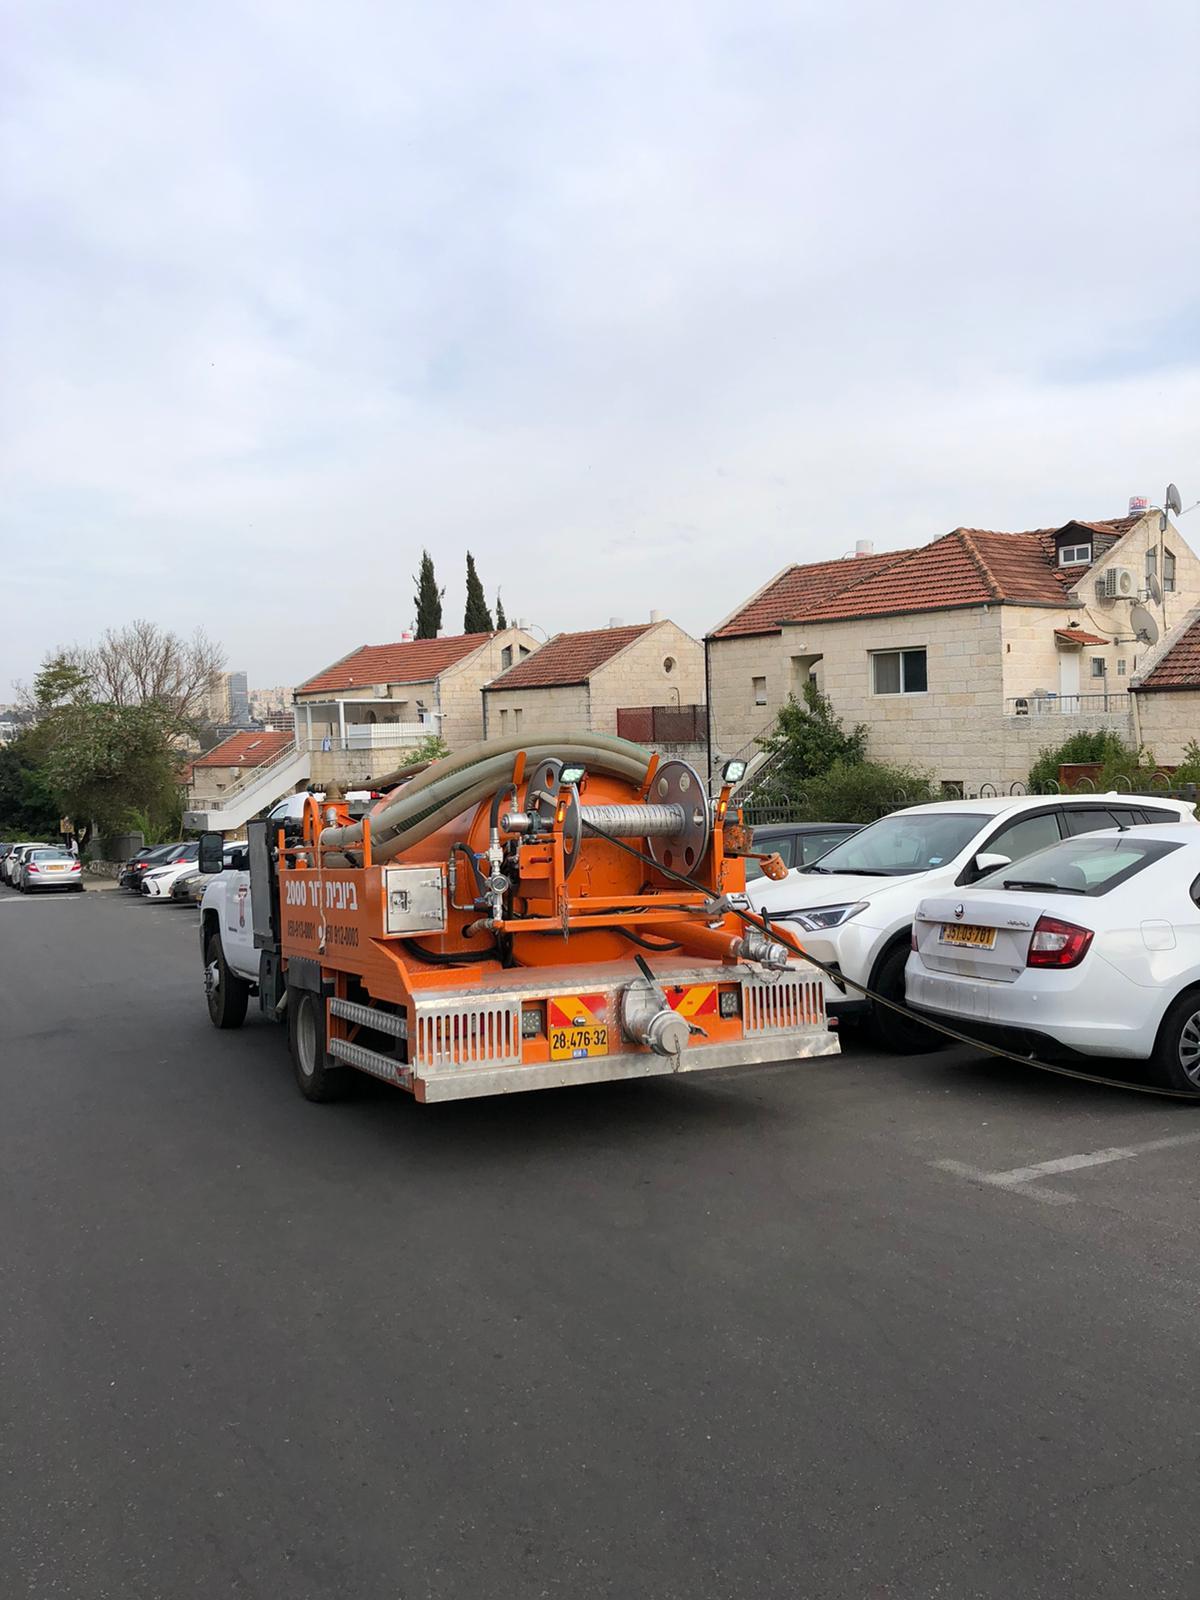 פתיחת סתימה ושאיבת בור ביוב בשכונת רמות בירושלים.